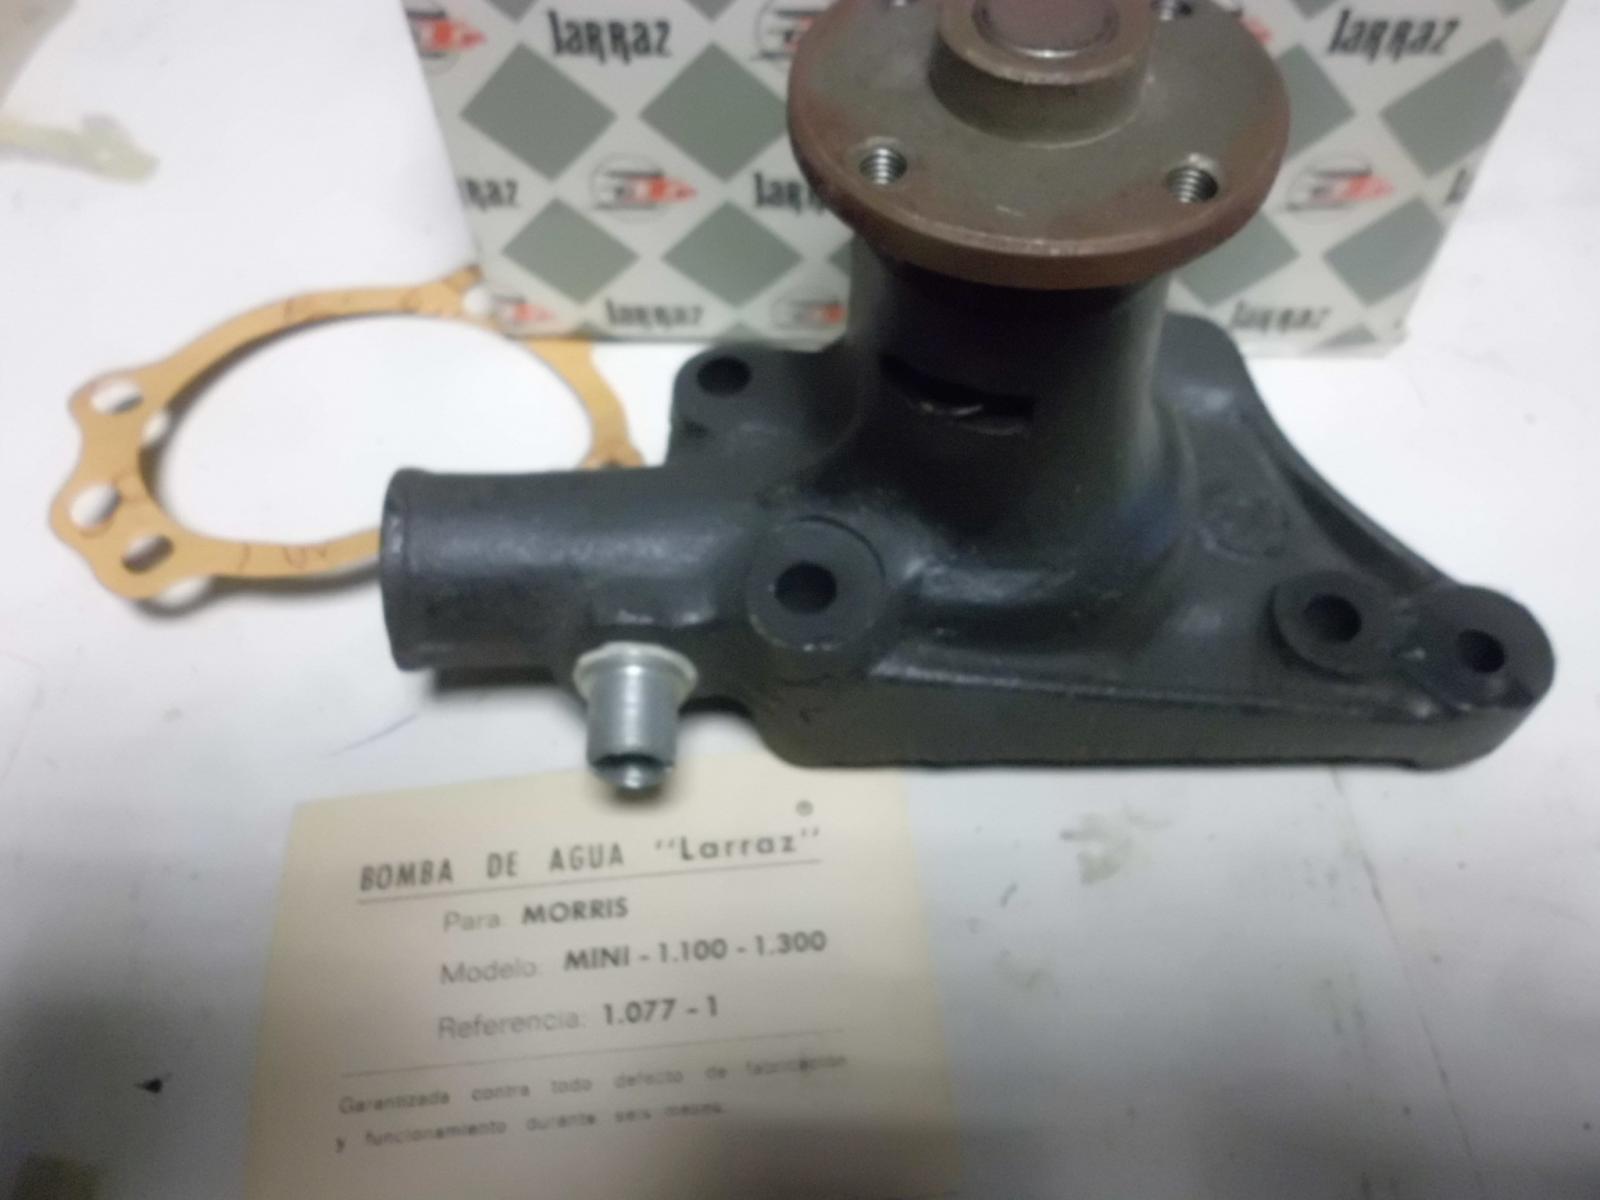 Bomba de agua de Mini 1100 y 1300